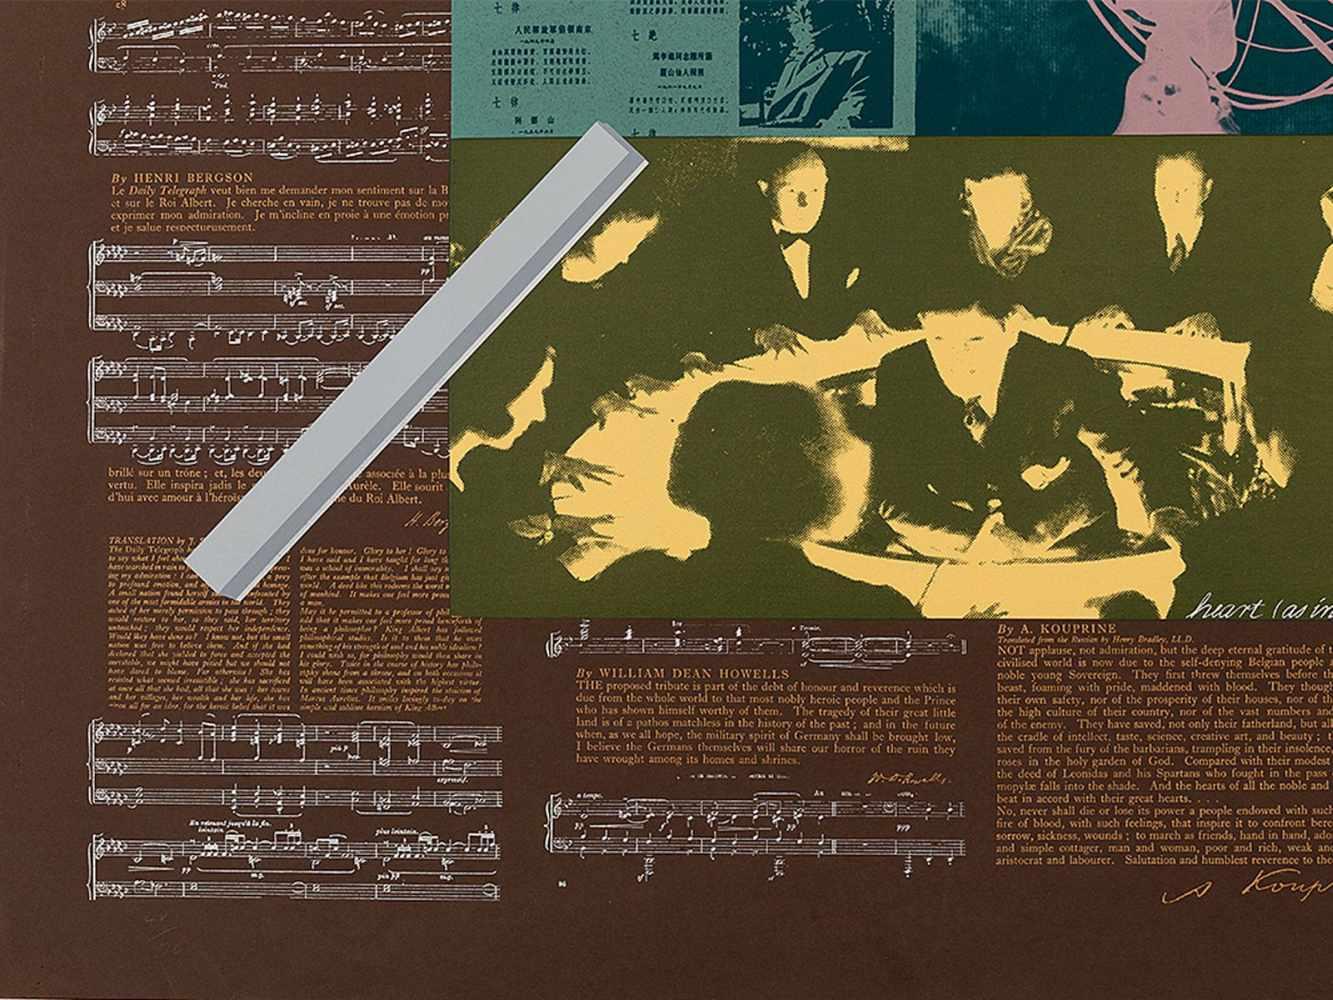 R.B. Kitaj, Heart, Serigraph in Colors, 1966 - Image 5 of 8